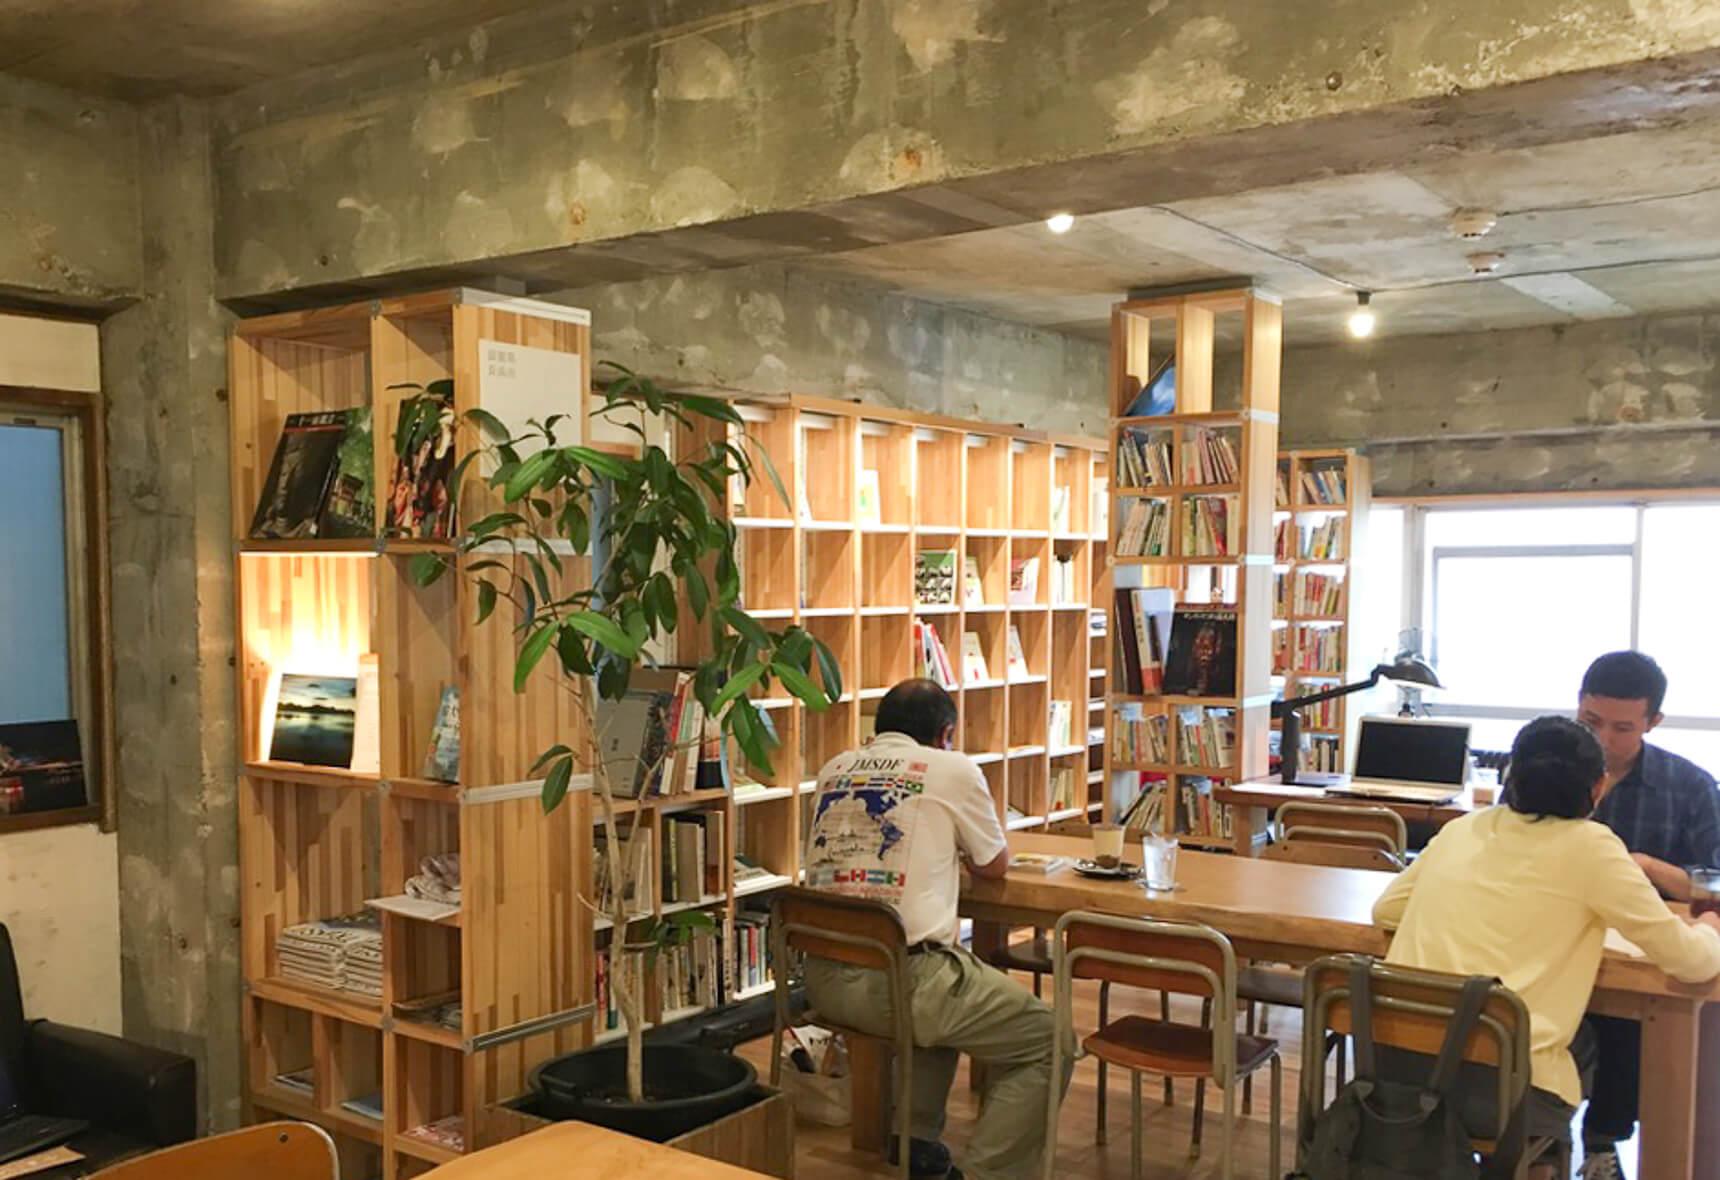 2階はWiFiが無料で使えることもあり、静かに読書する人、打ち合わせをする人など多様な使い方がされていました。